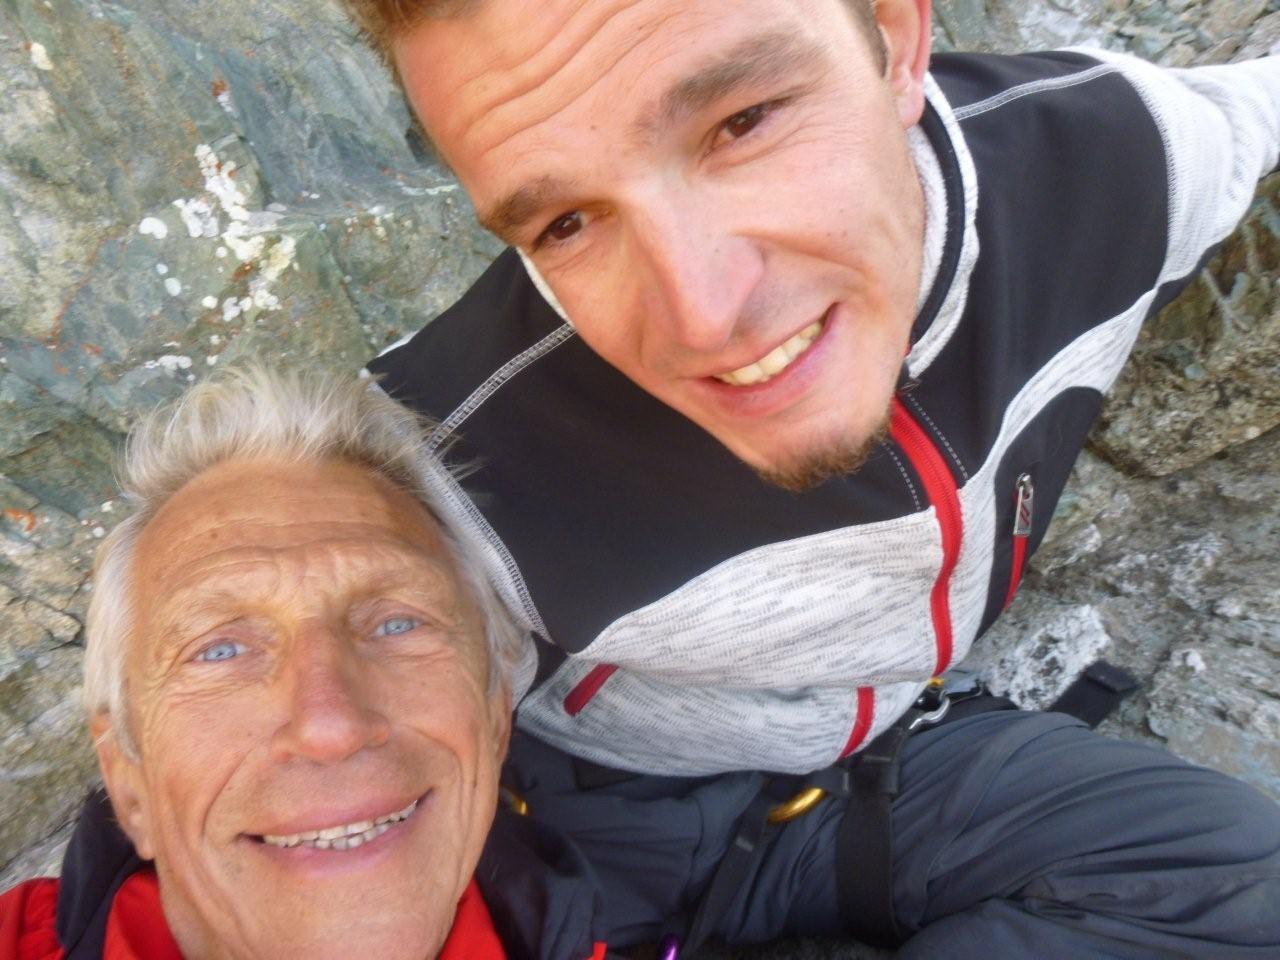 """""""Selfie"""" du Père et du fils devant un magnifique paysage . . ."""